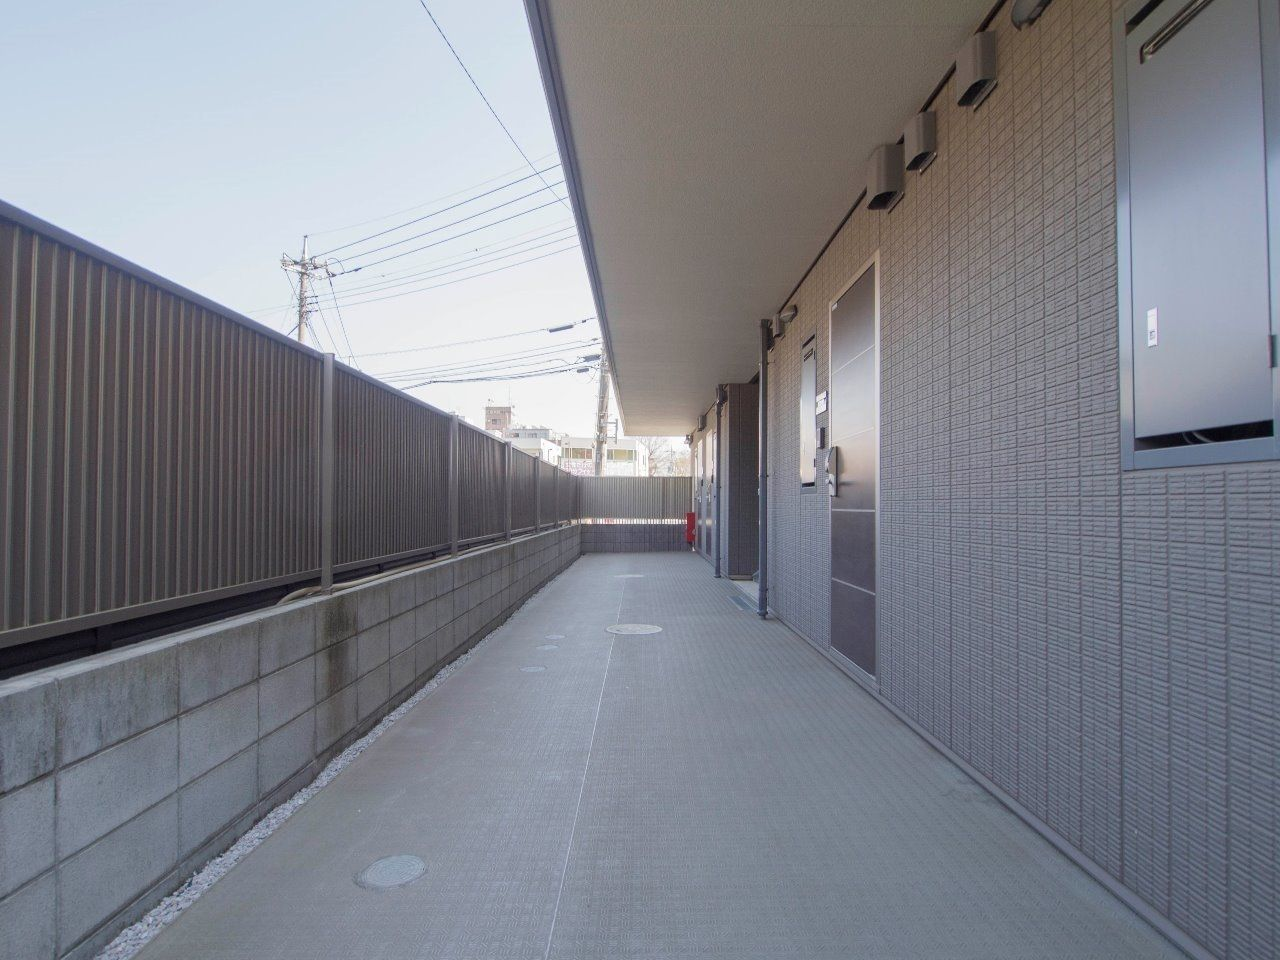 スッキリと整えられた共用廊下